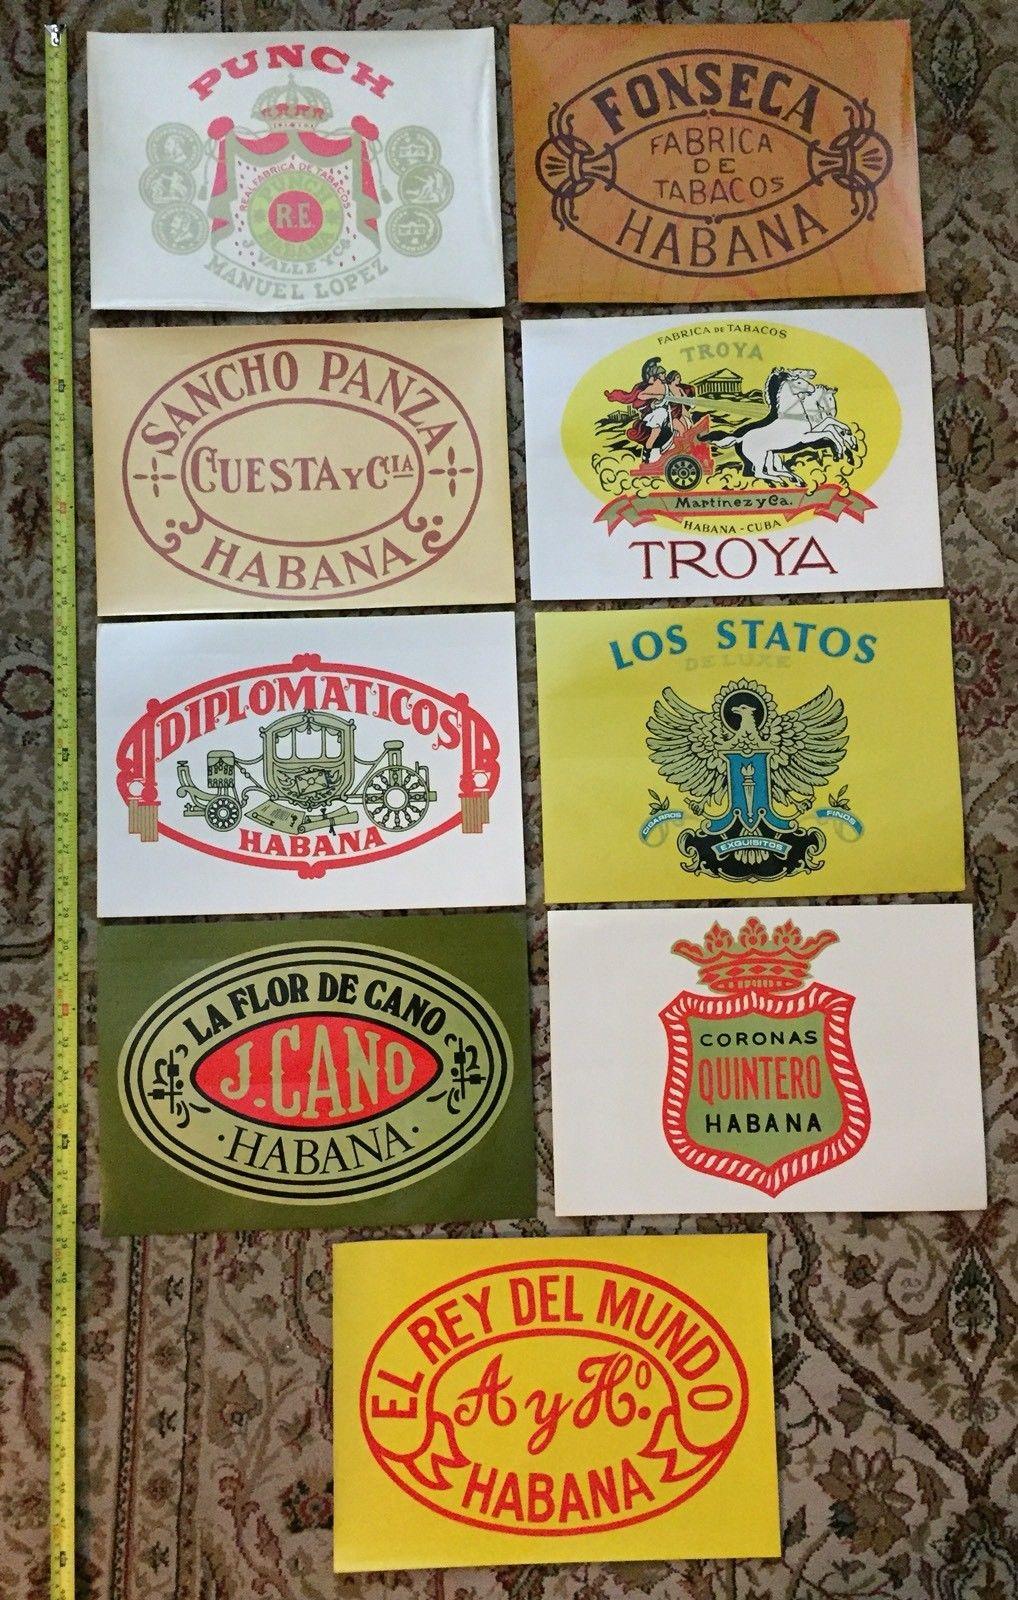 vintage-flyers-of-old-havana-cigar-factories-vintage.jpg